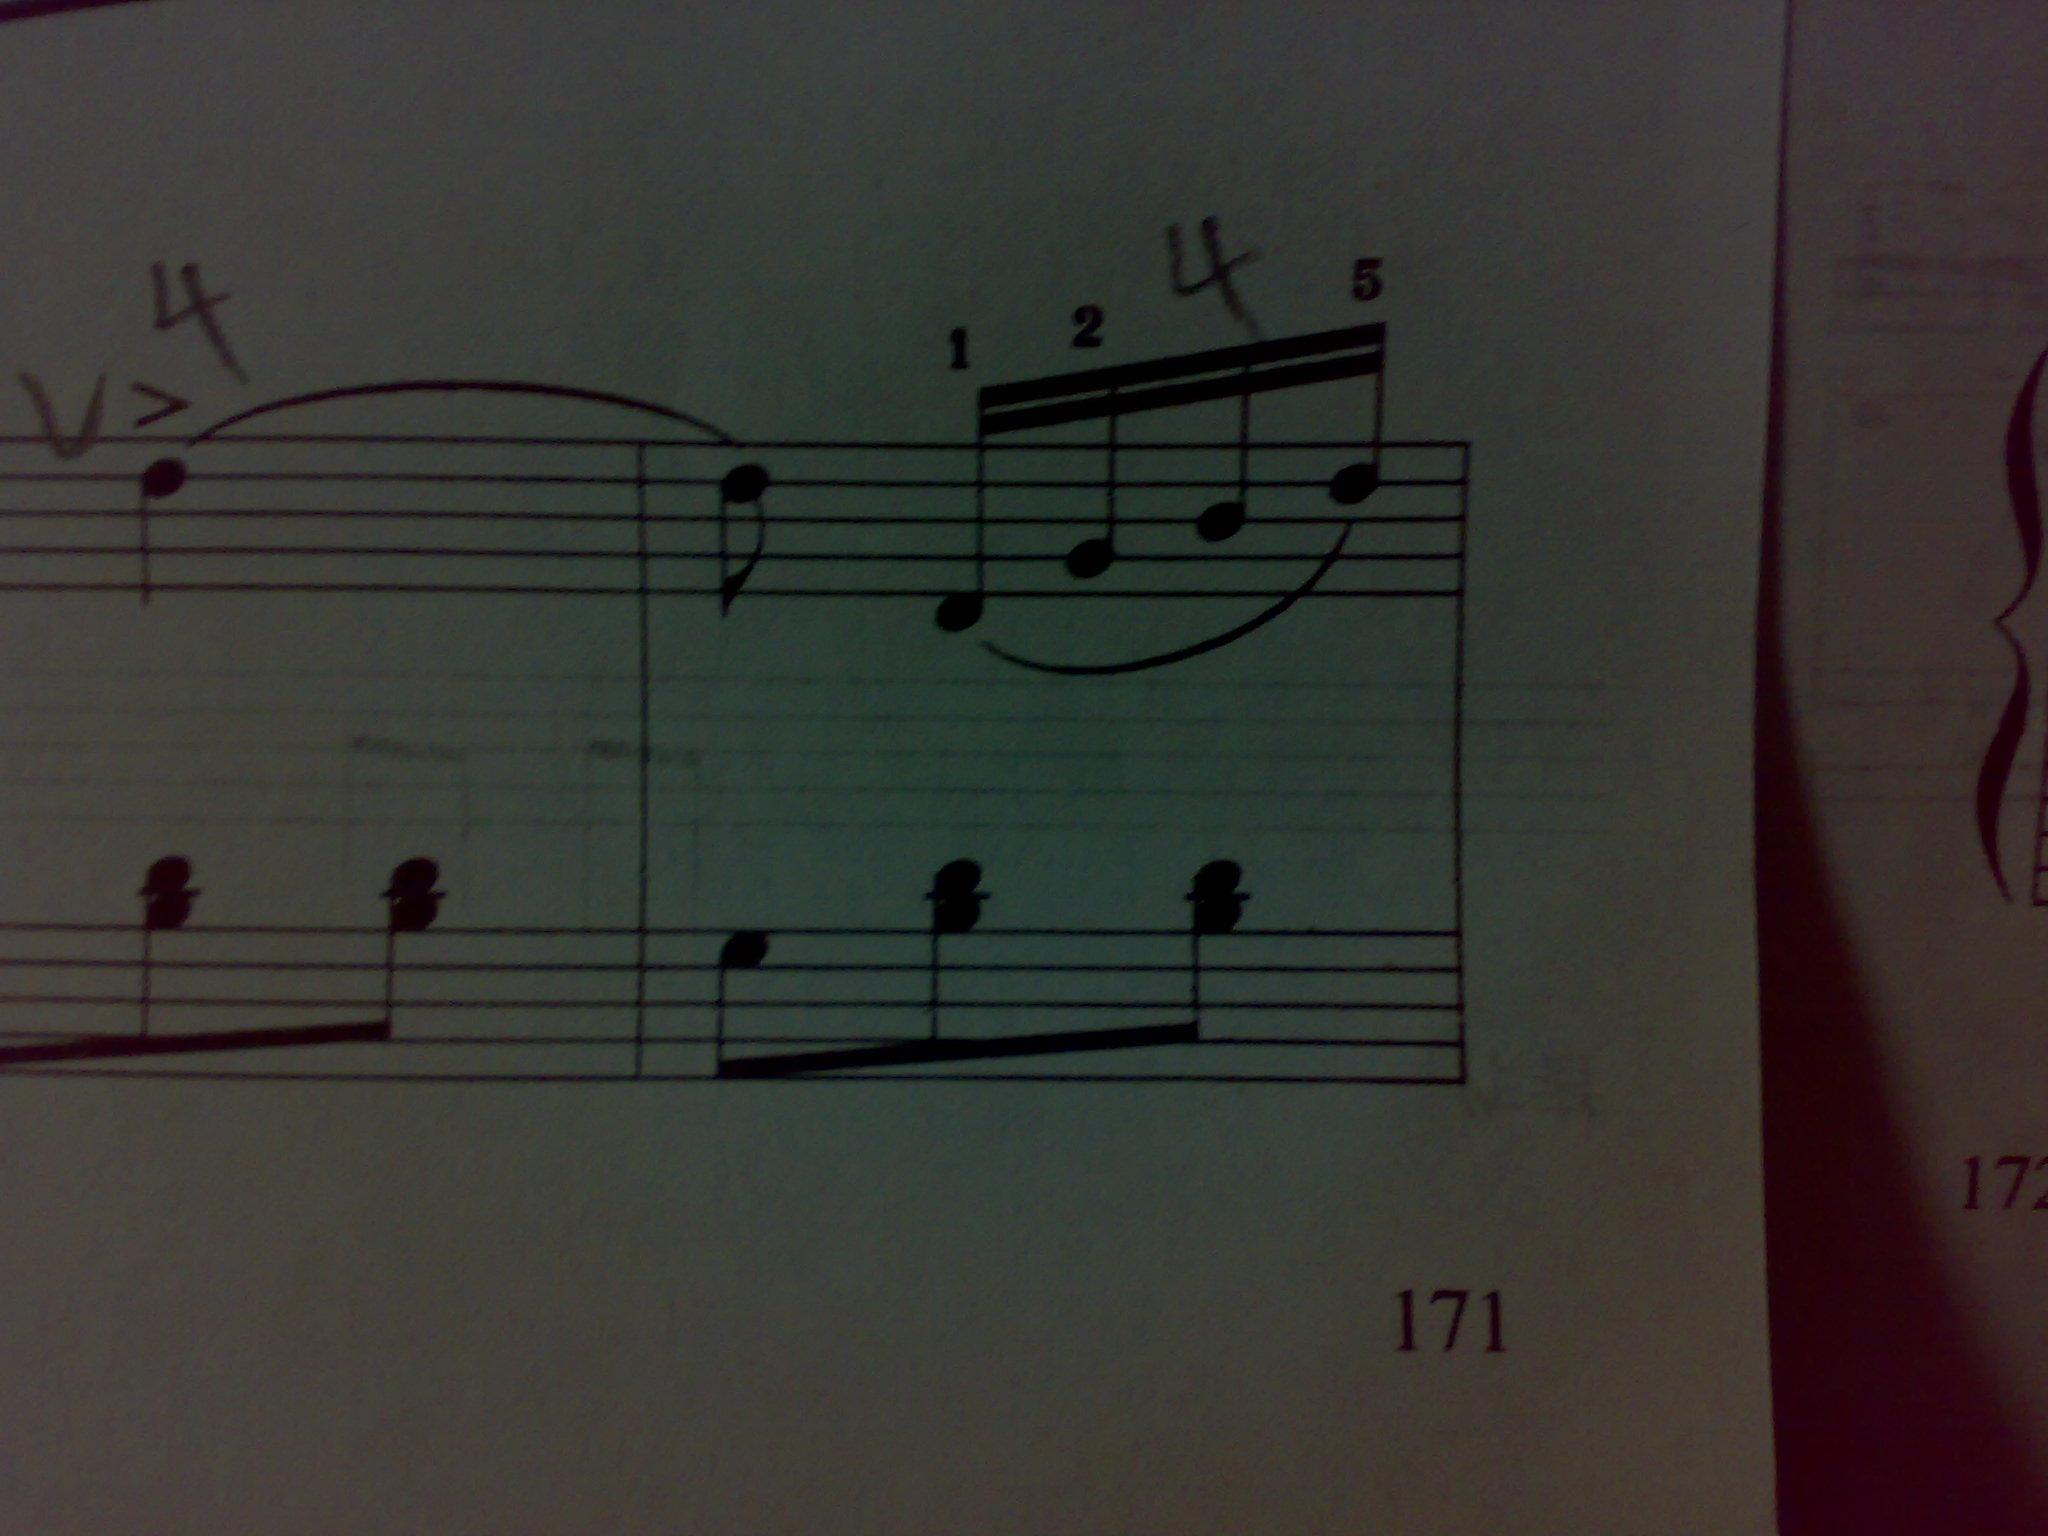 星光圆舞曲里面左右首都是2.没有括号怎么弹 还有左右手都是1.一个